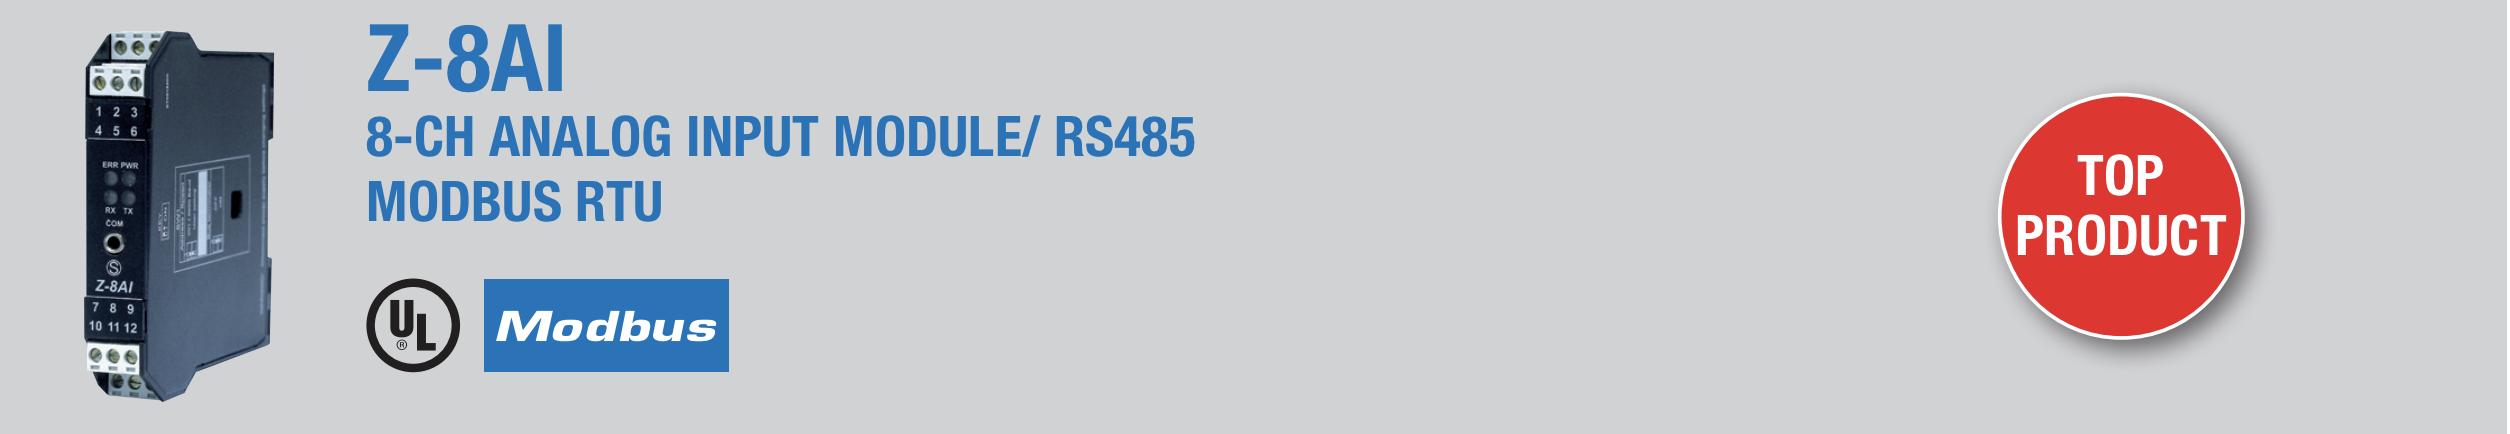 bộ chuyển đổi 4-20mA sang modbus RTU Z-8AI